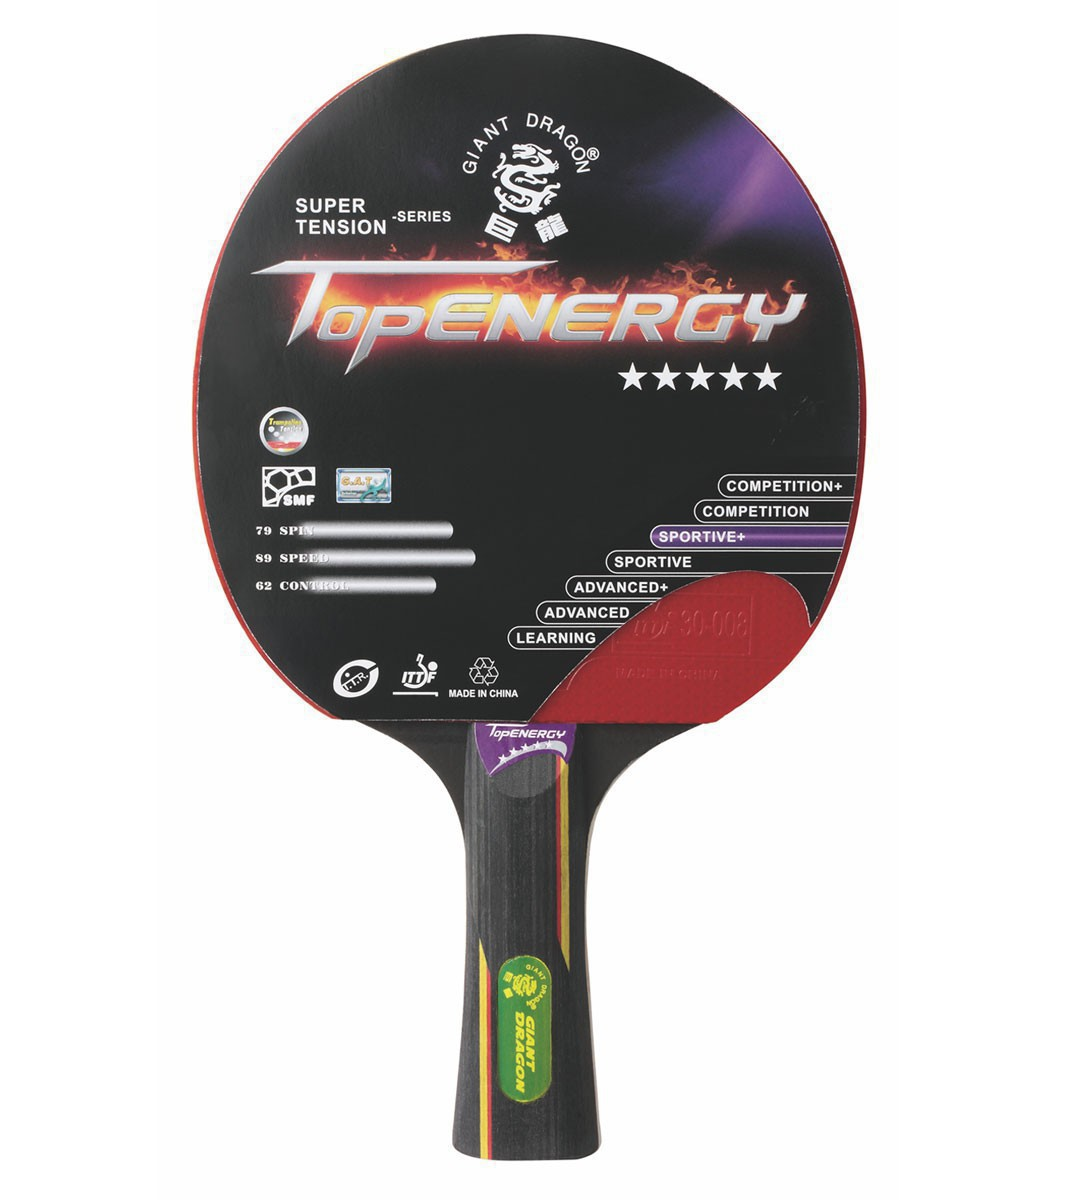 ������� ��� ����������� ������� TopEnerdgy